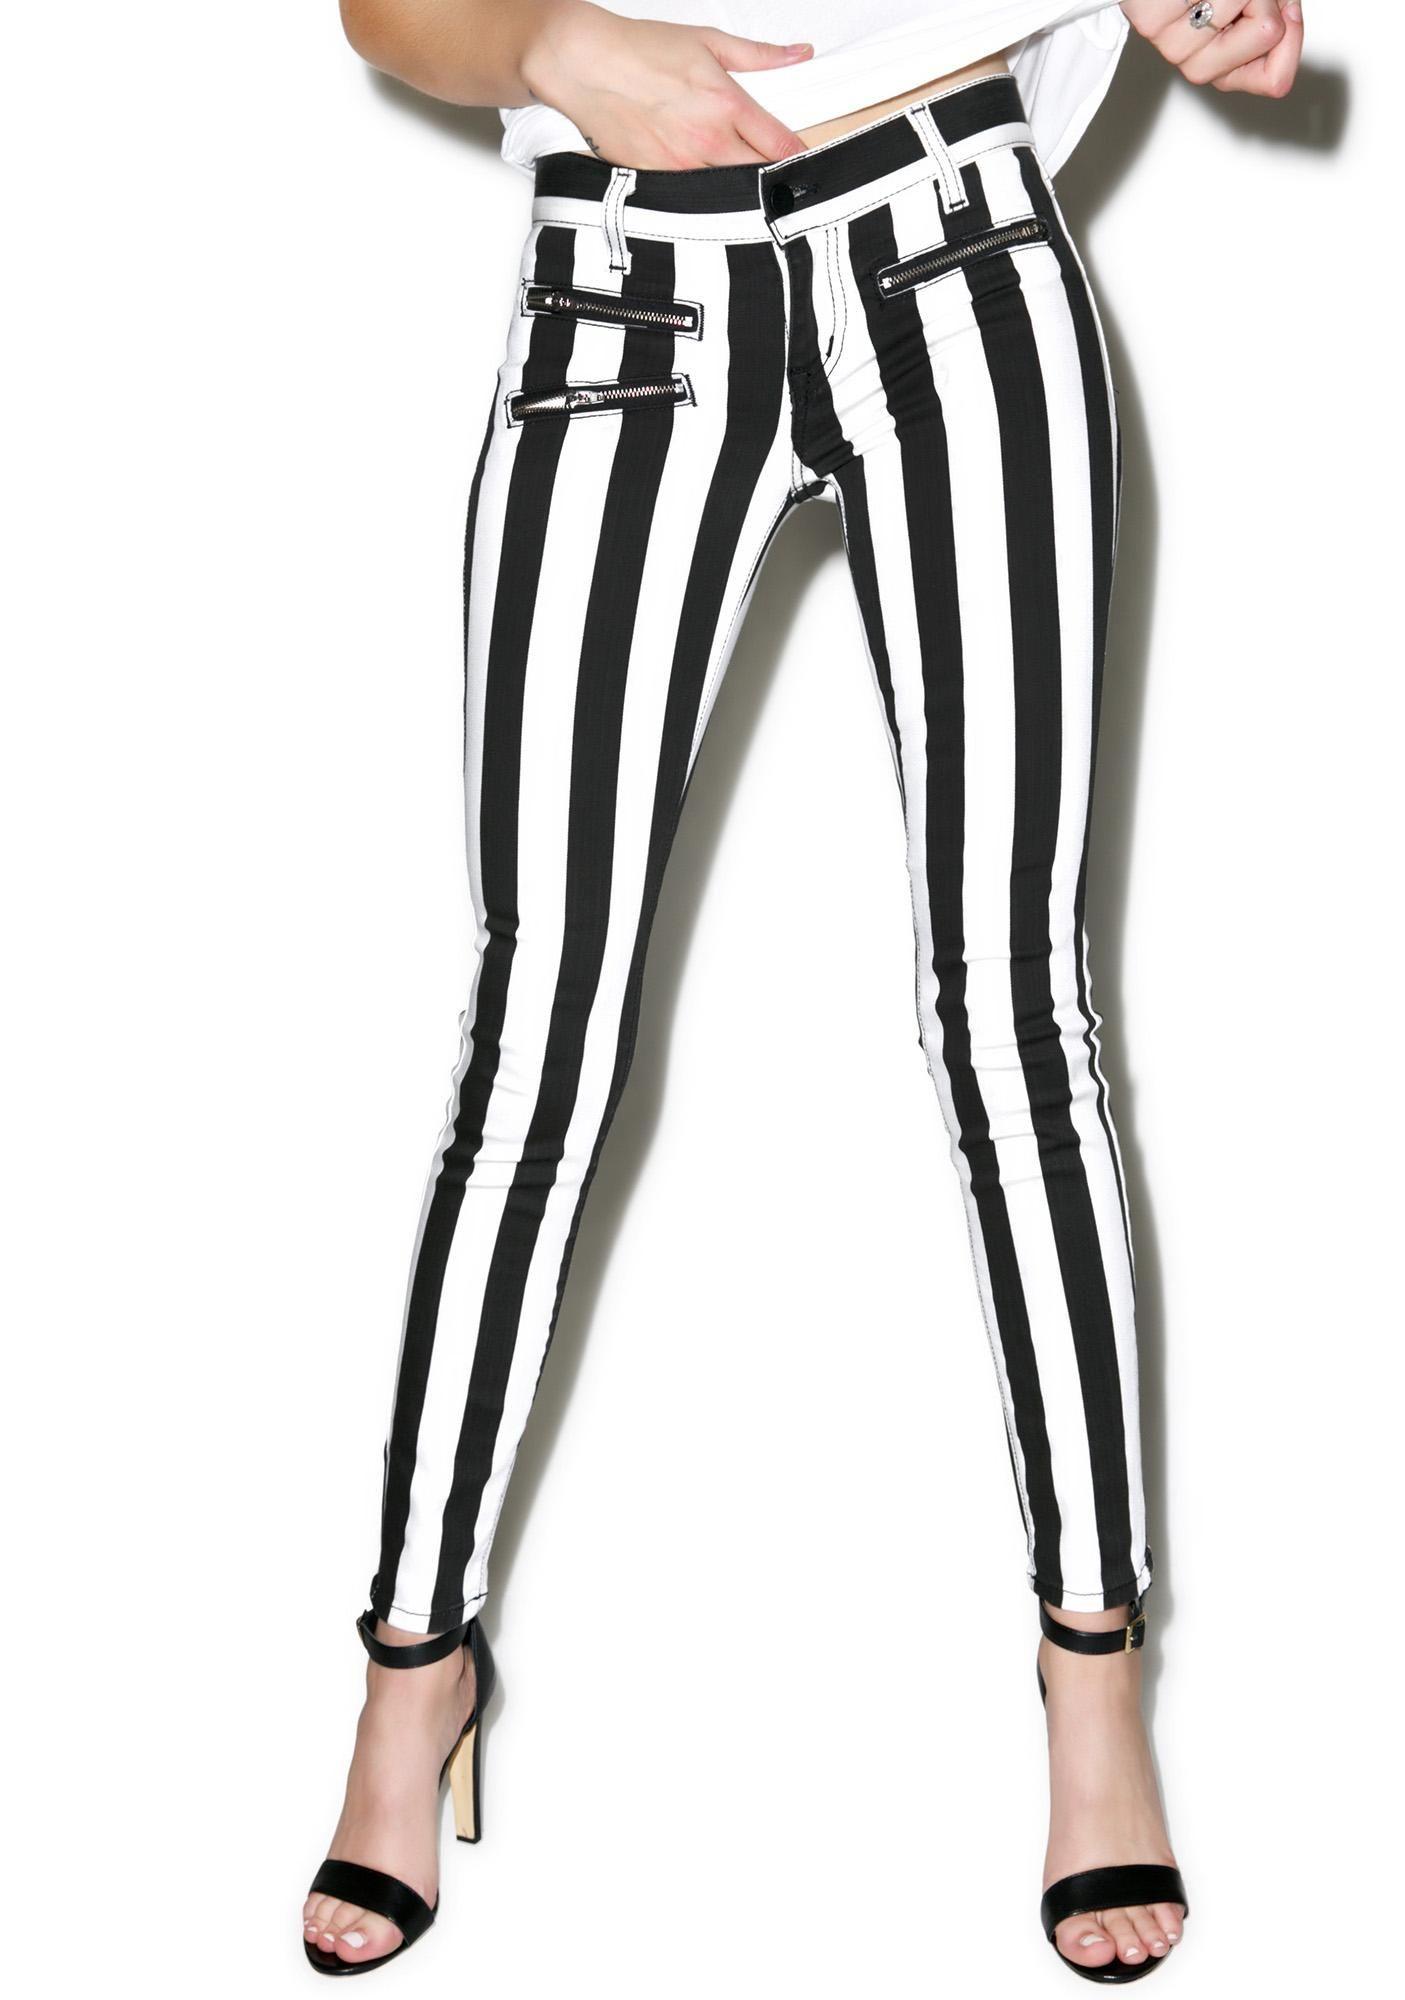 Lydia Striped Skinny Jeans   Skinny jeans, Skinny and Emo scene